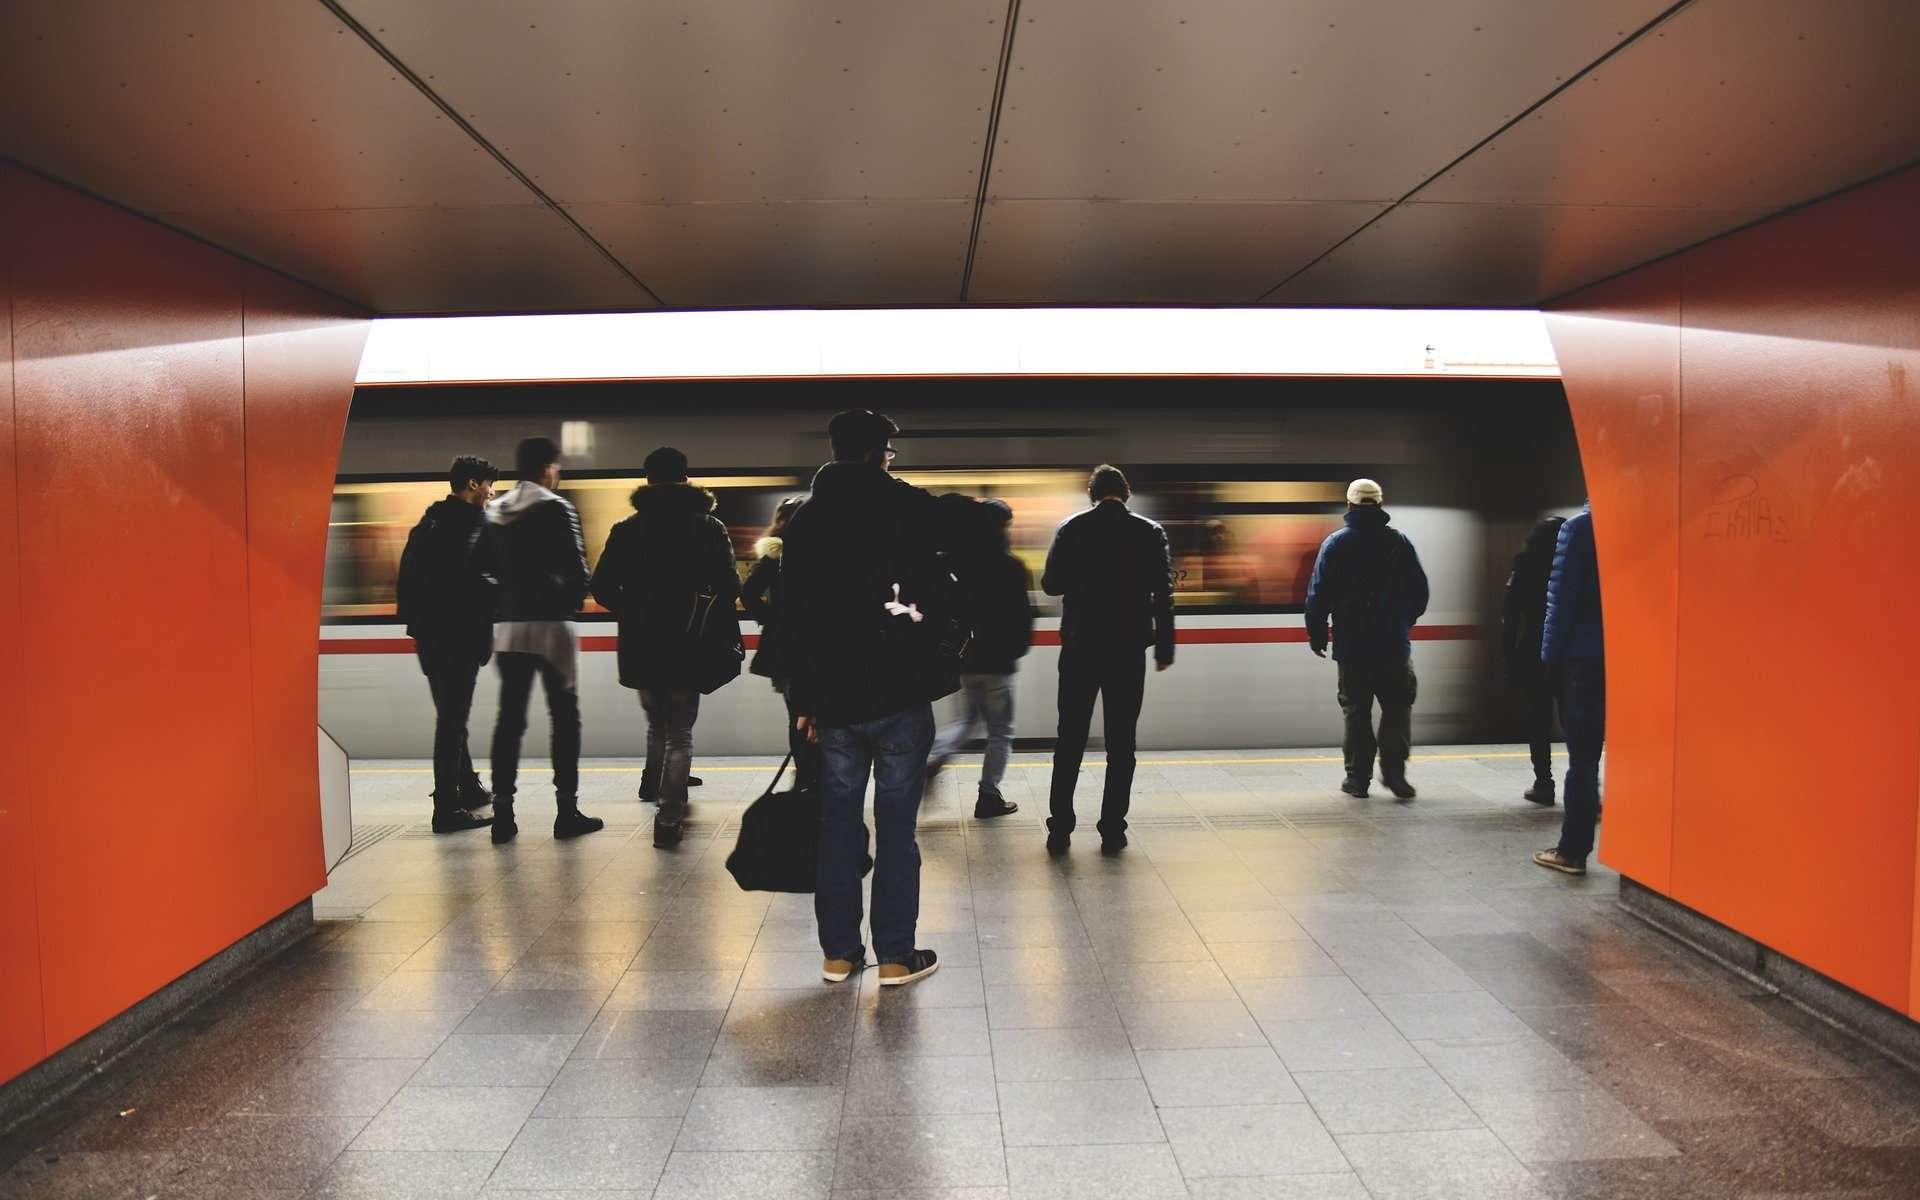 La station Châtelet est l'une des plus empruntées en Europe. © Pexels, Pixabay